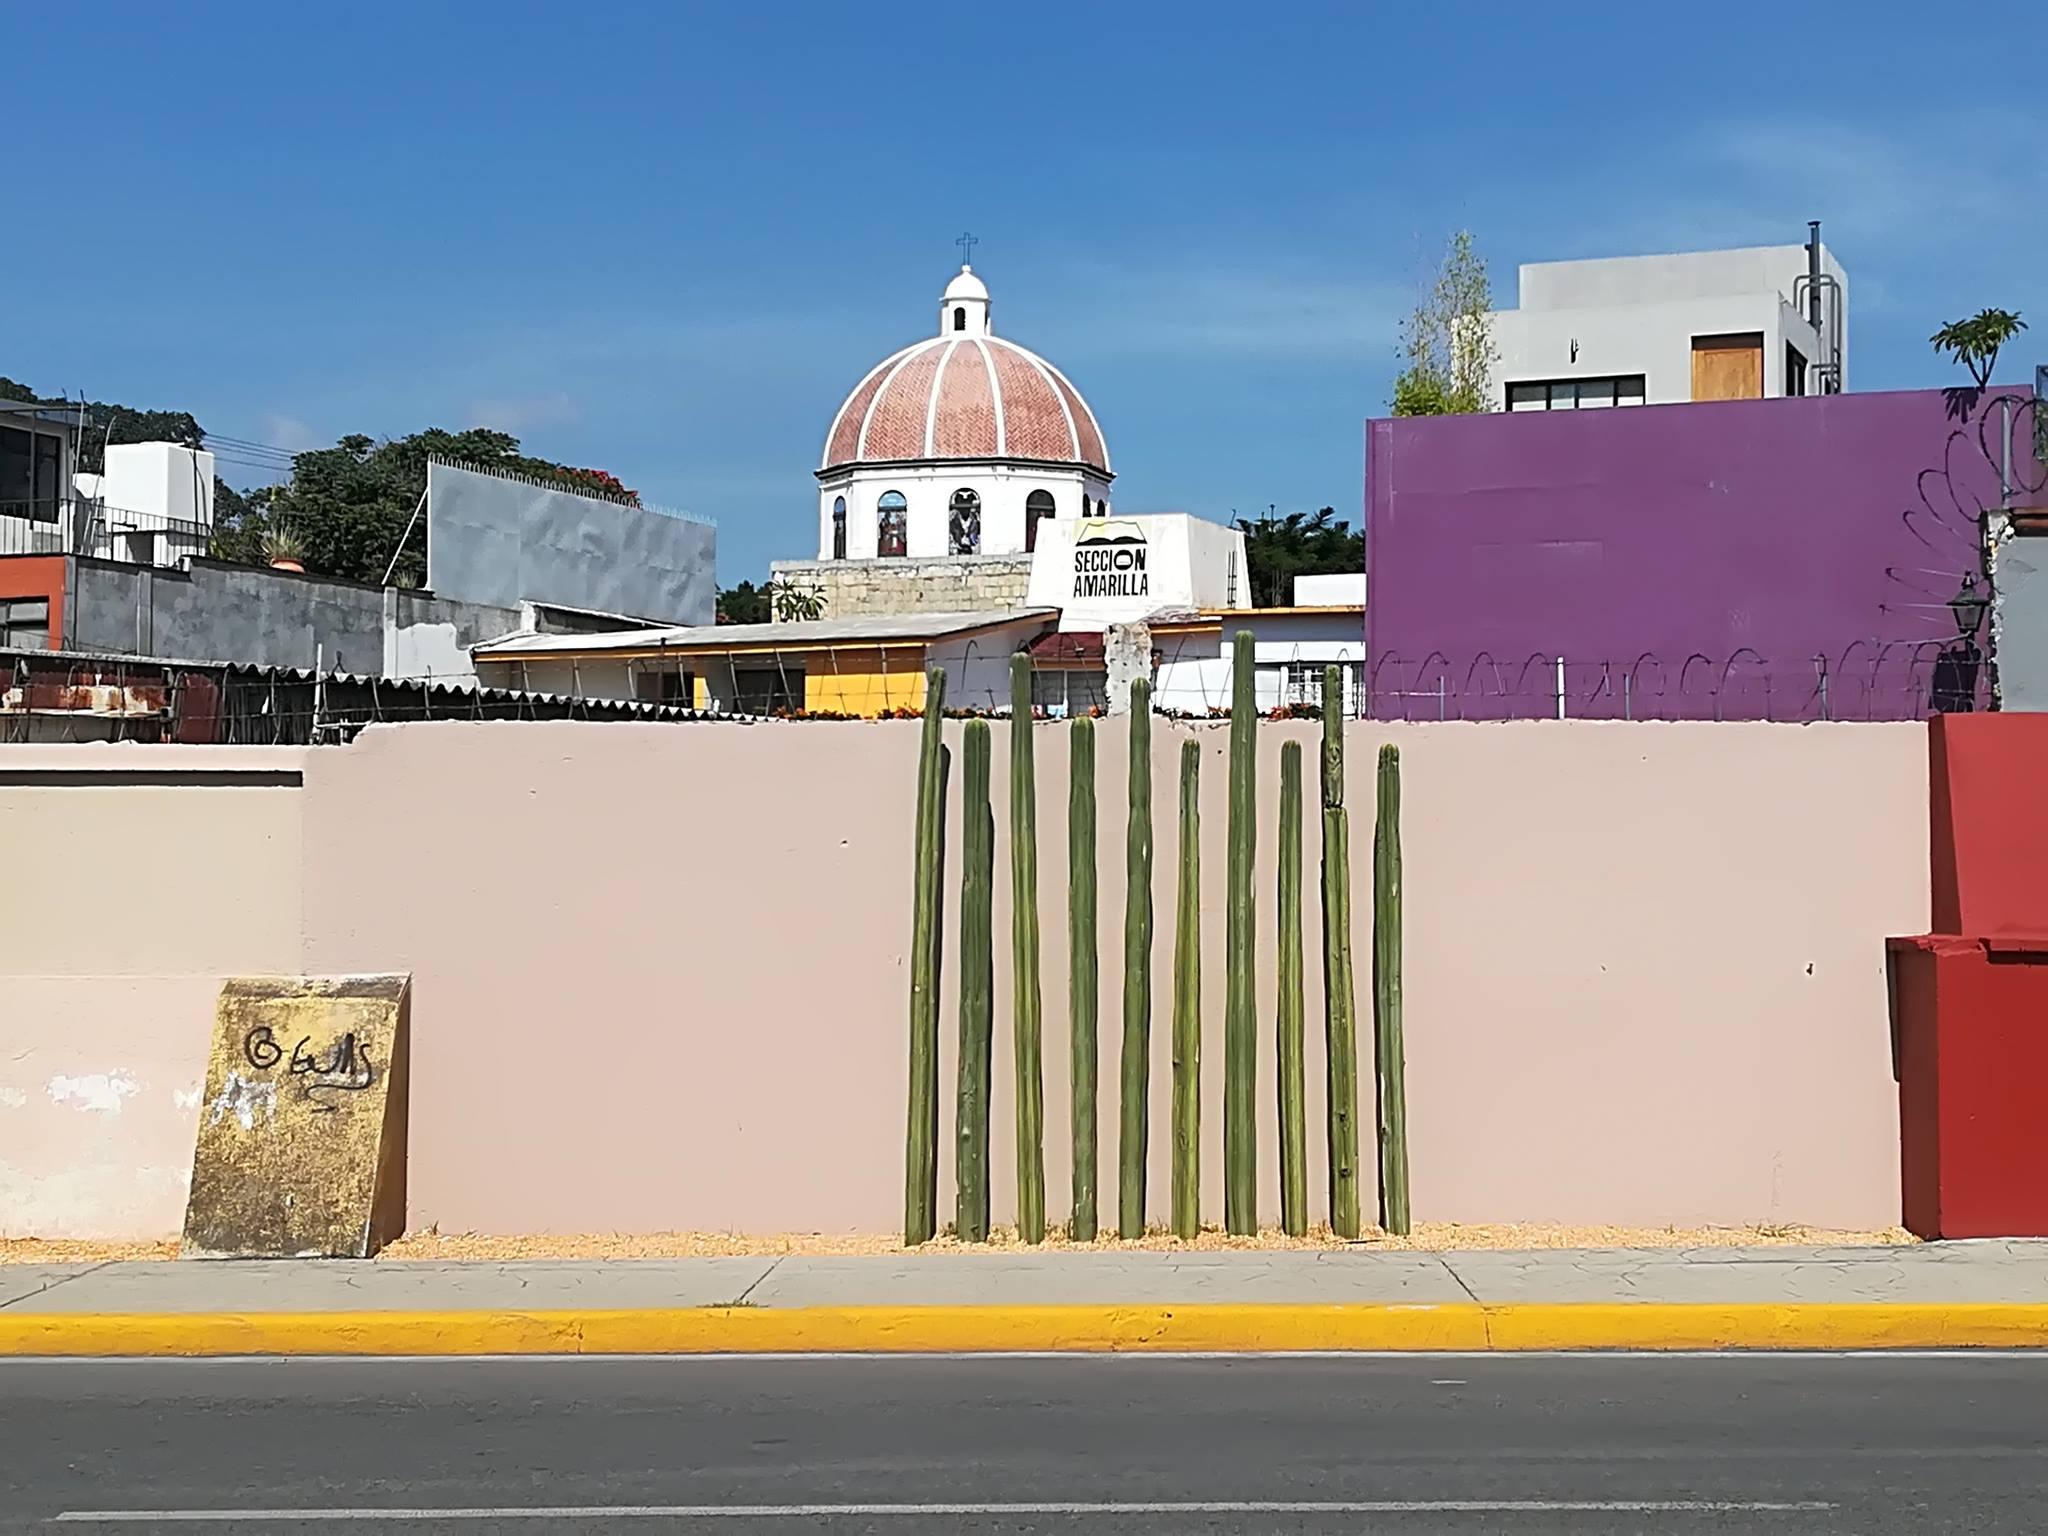 Viaggio in Messico: itinerario di 16 giorni, Oaxaca